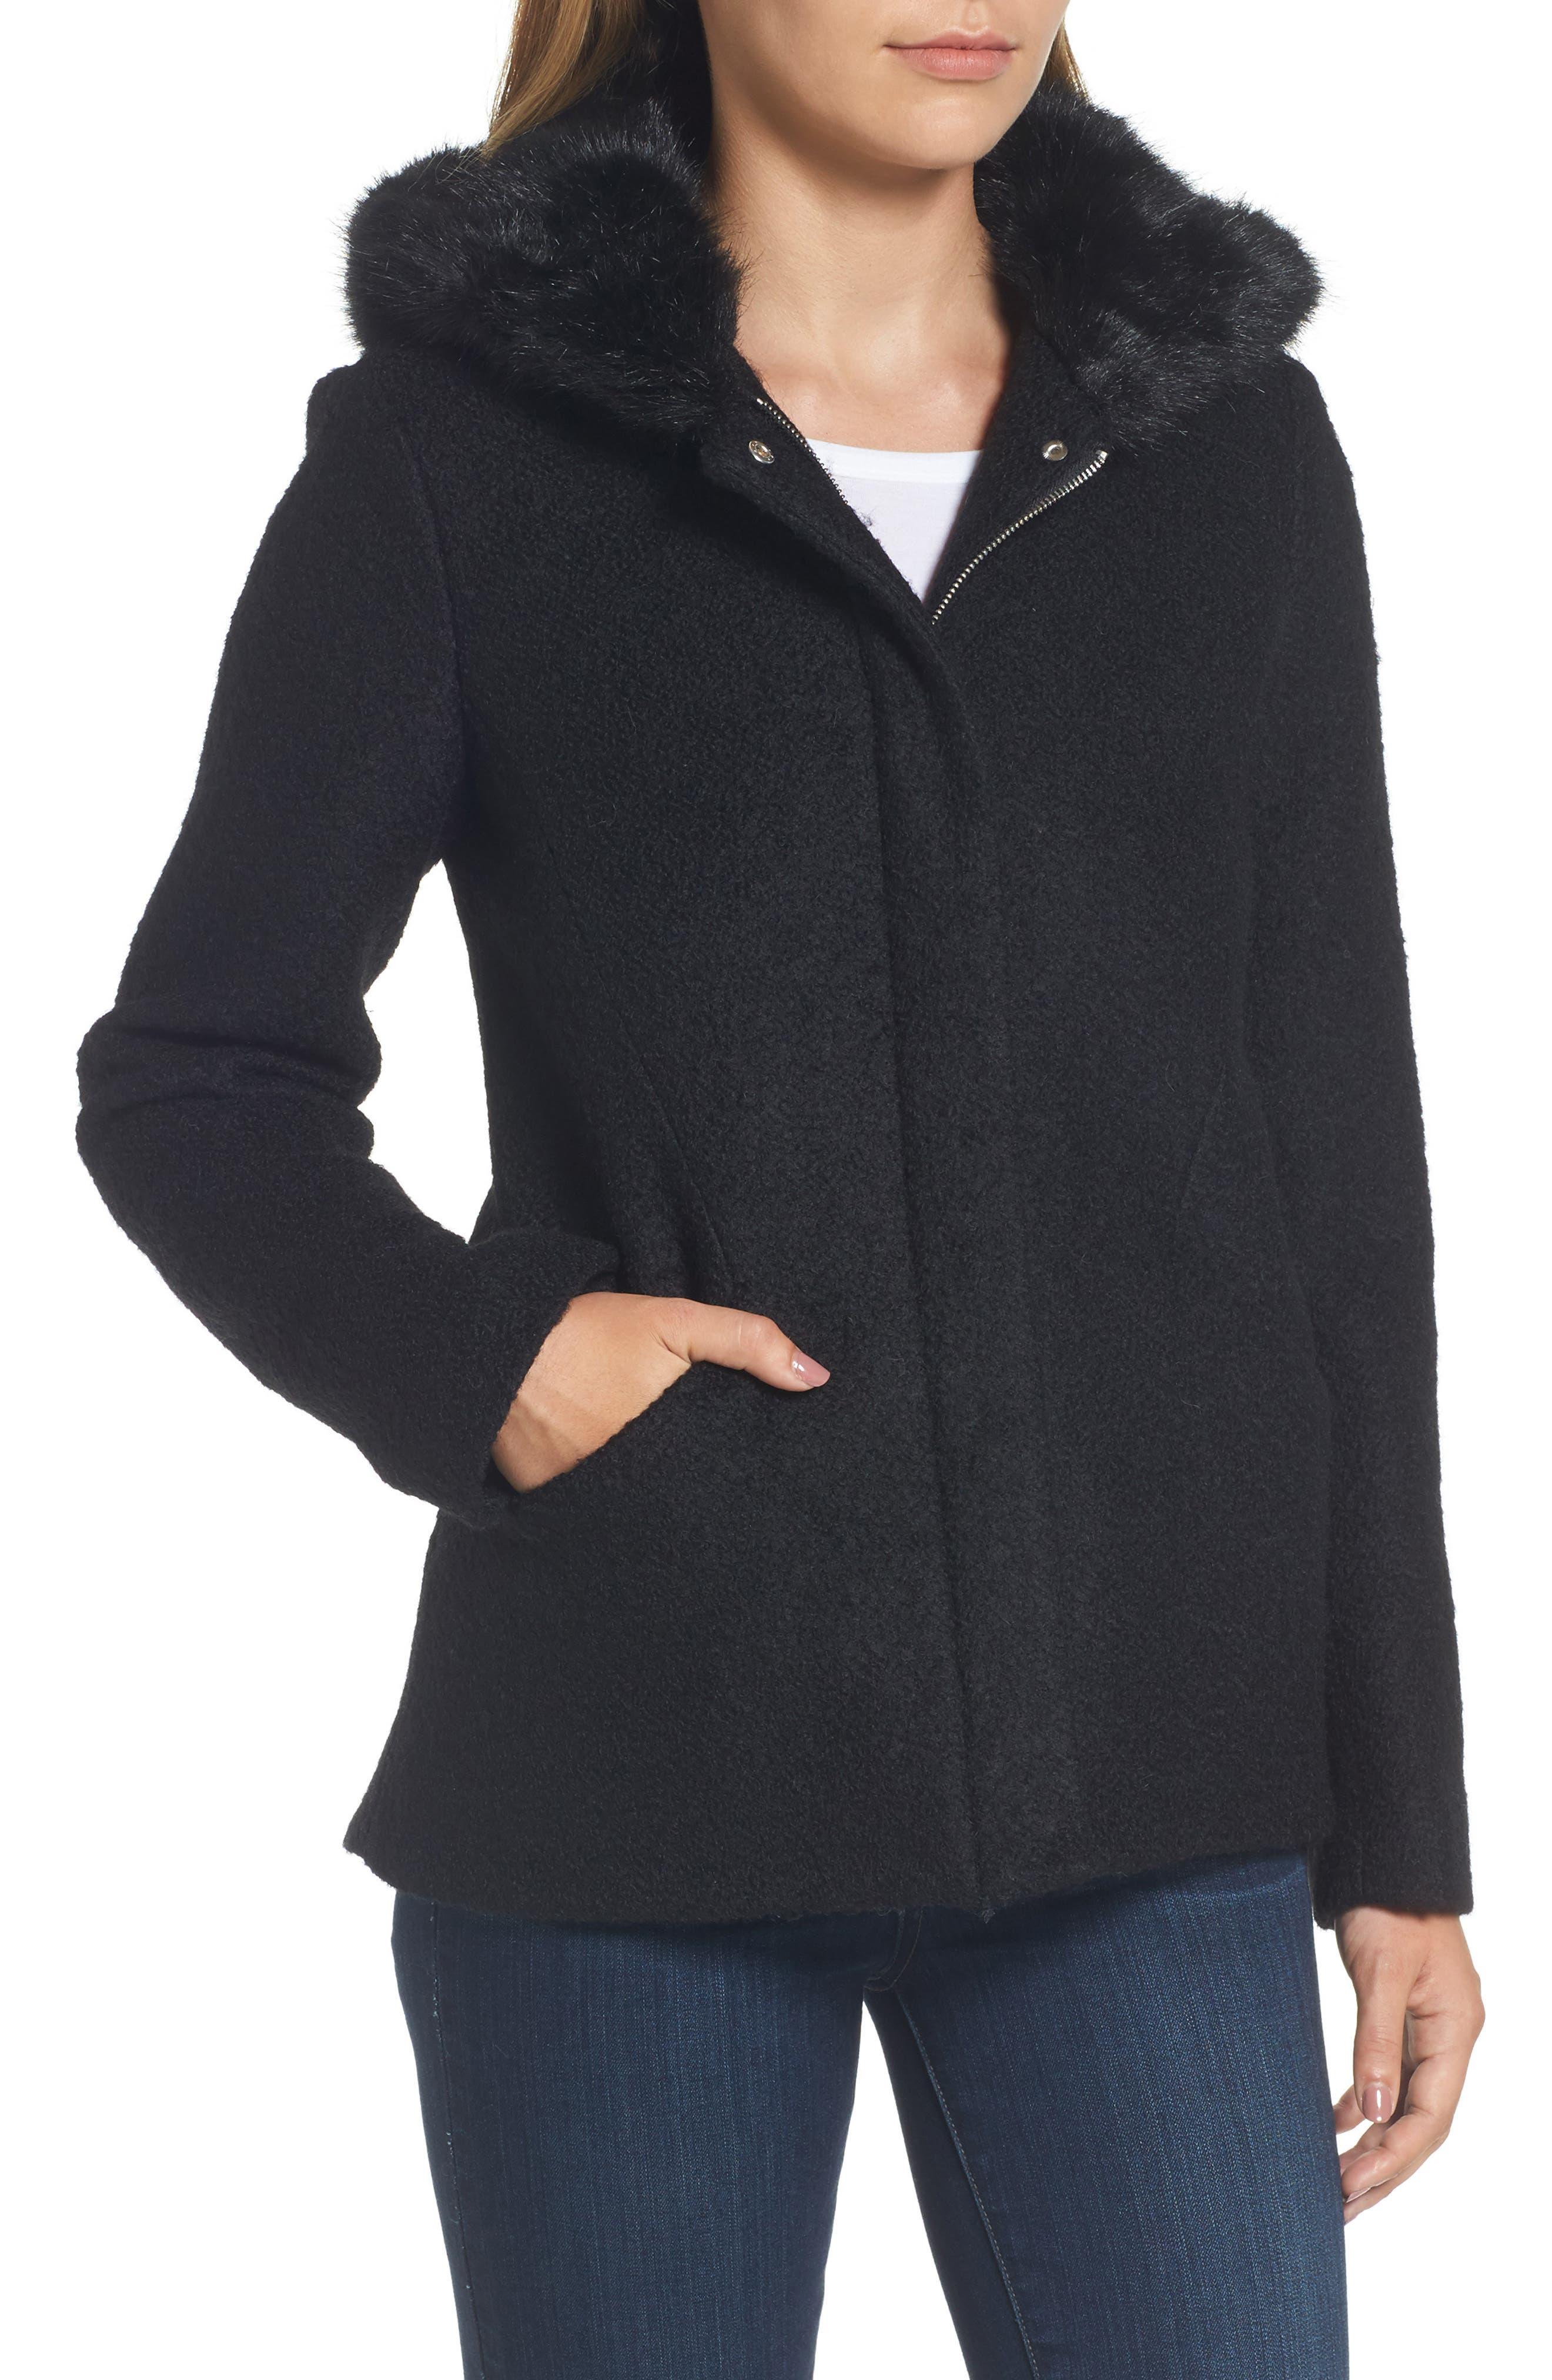 Hooded Wool Blend Bouclé Jacket with Faux Fur Trim,                             Alternate thumbnail 4, color,                             Black